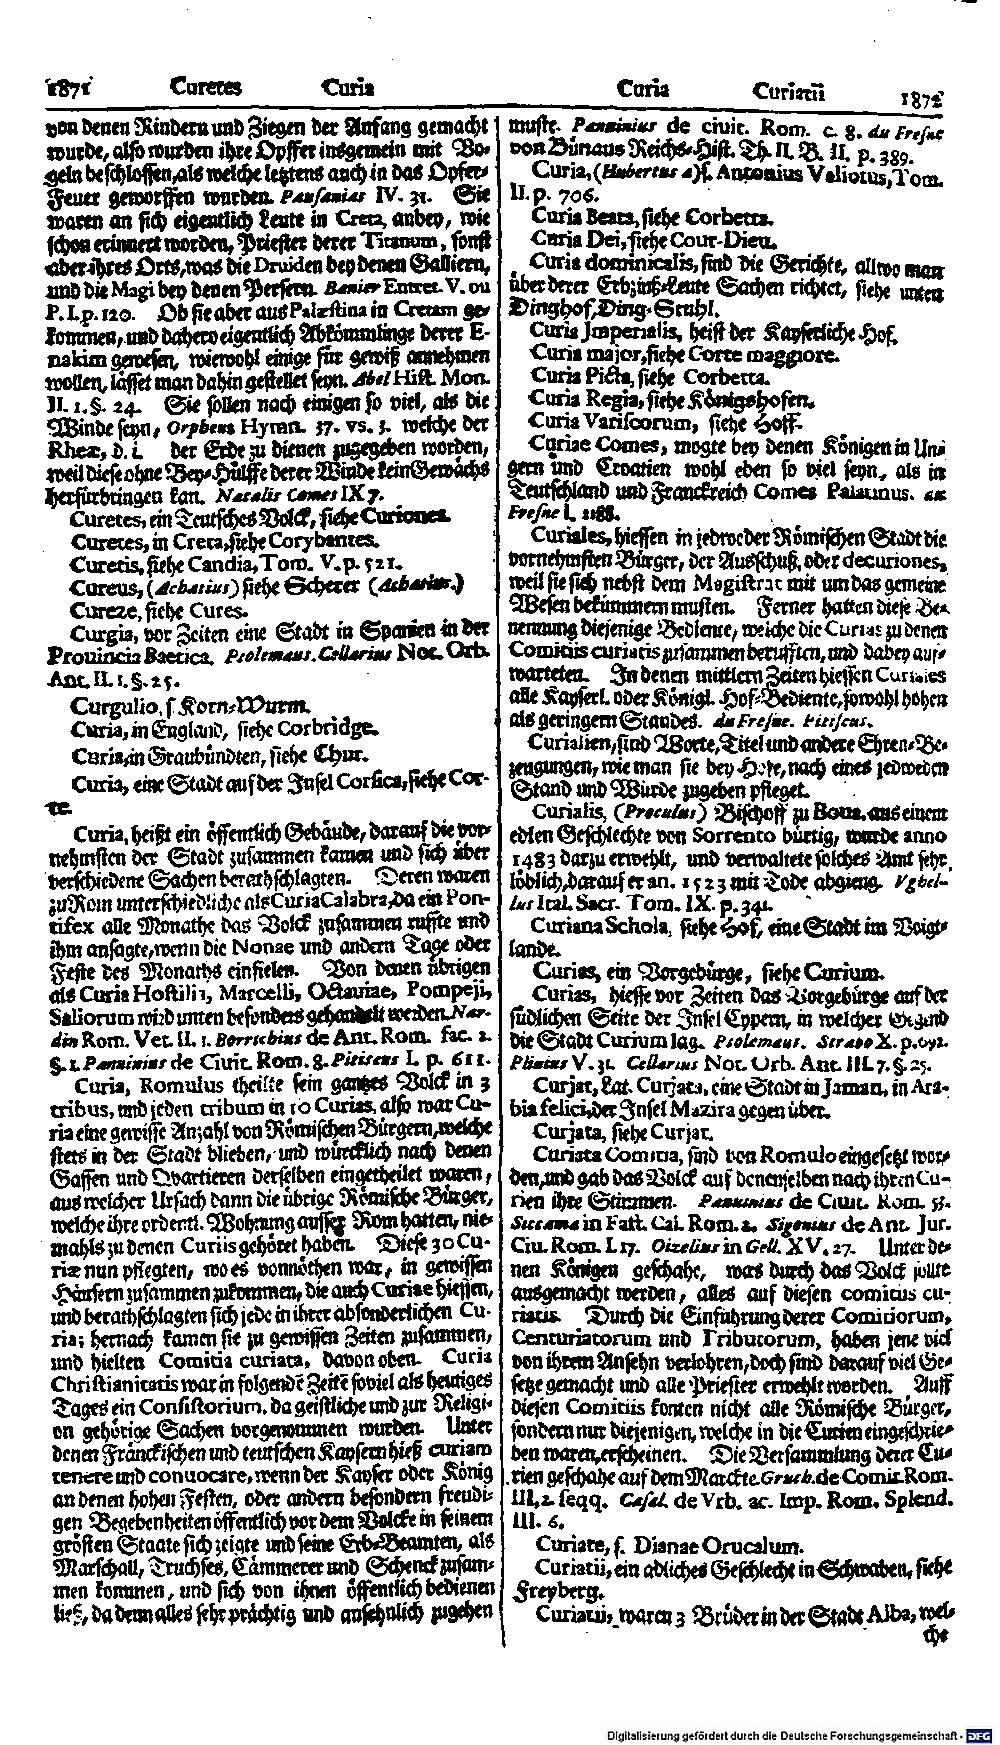 Bd. 6, Seite 0951.